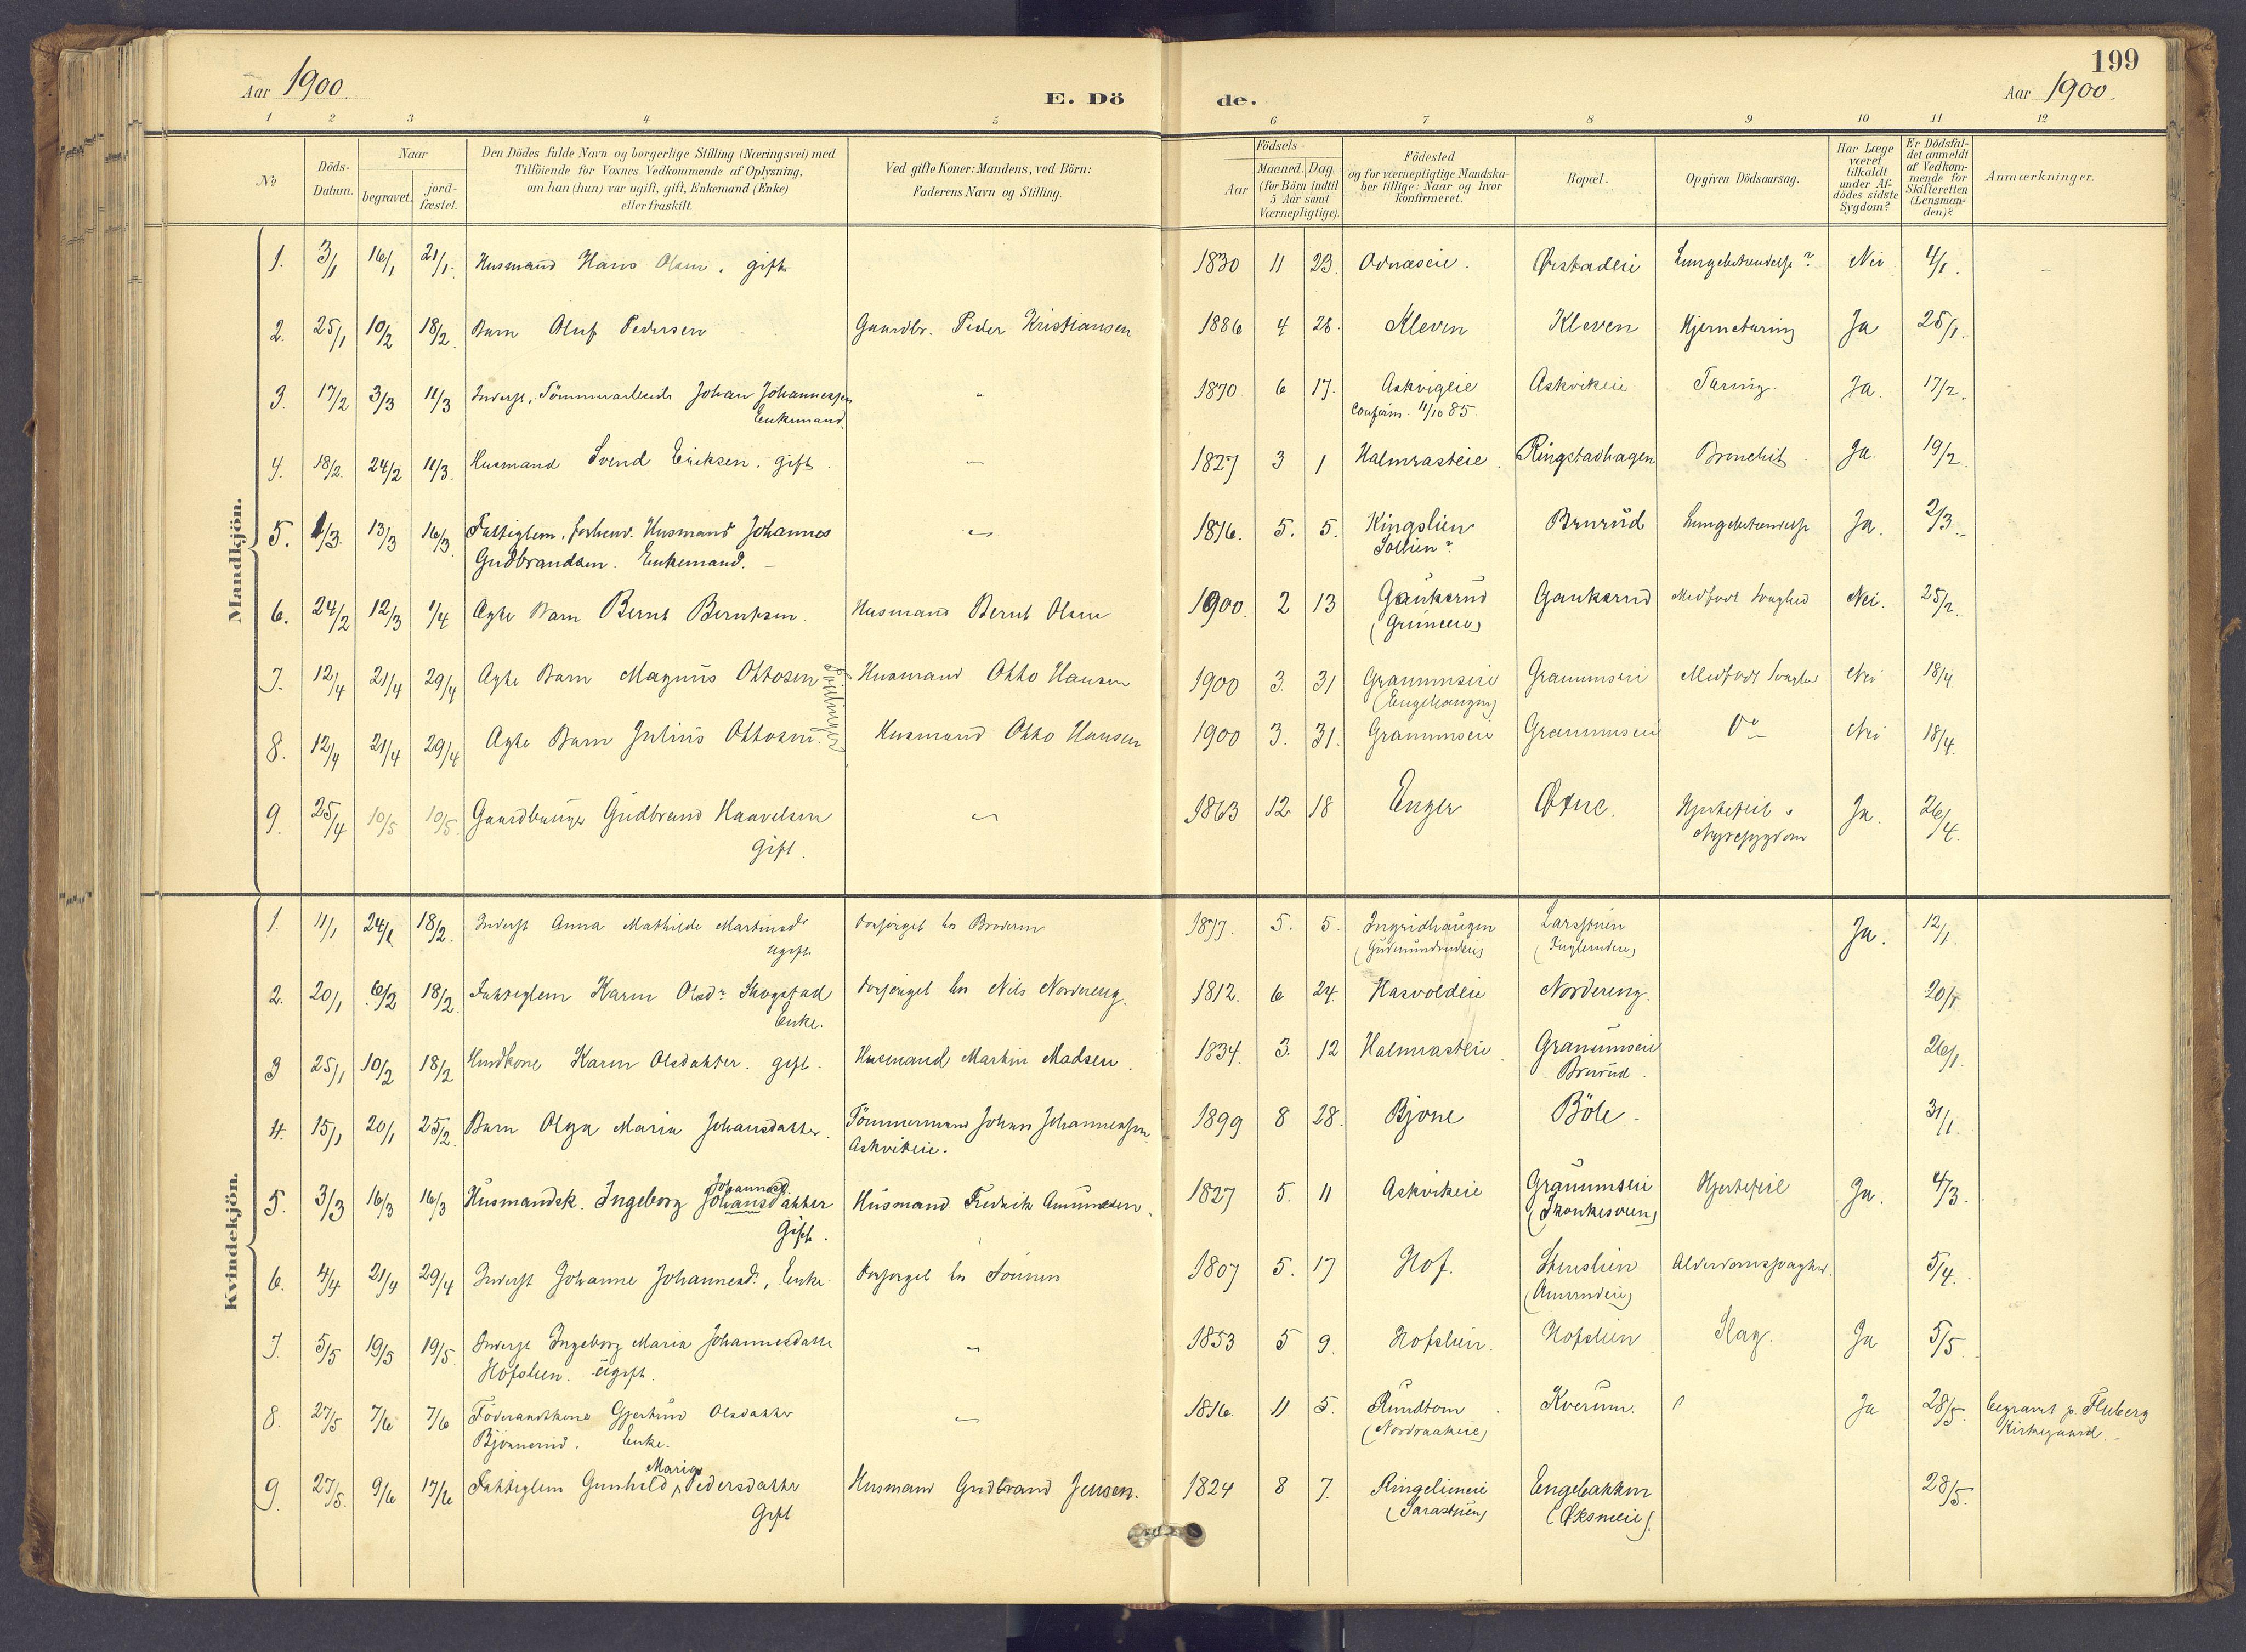 SAH, Søndre Land prestekontor, K/L0006: Ministerialbok nr. 6, 1895-1904, s. 199